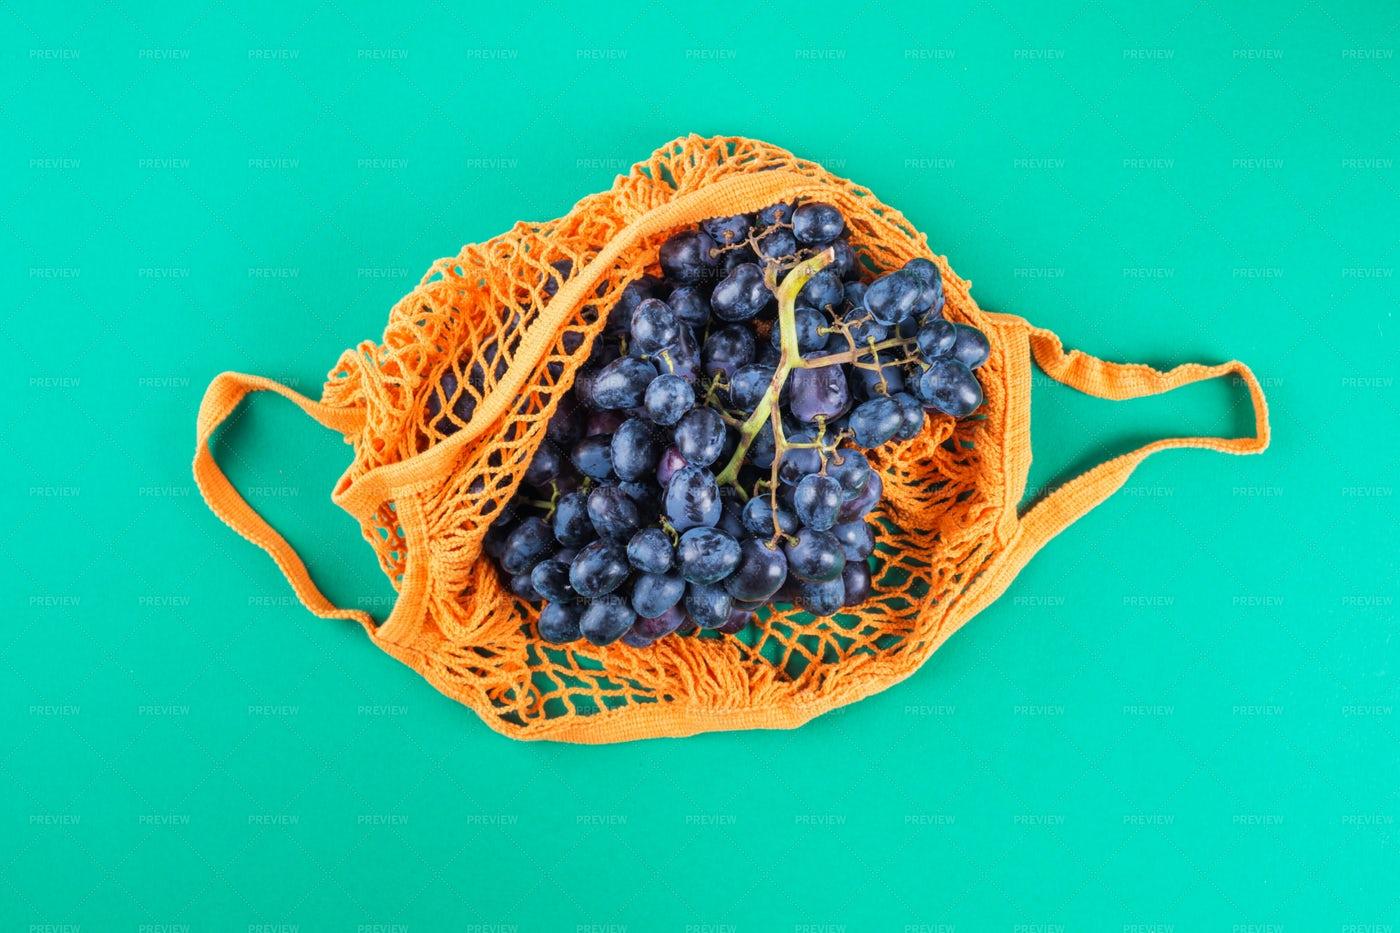 Mesh Bag Of Grapes: Stock Photos